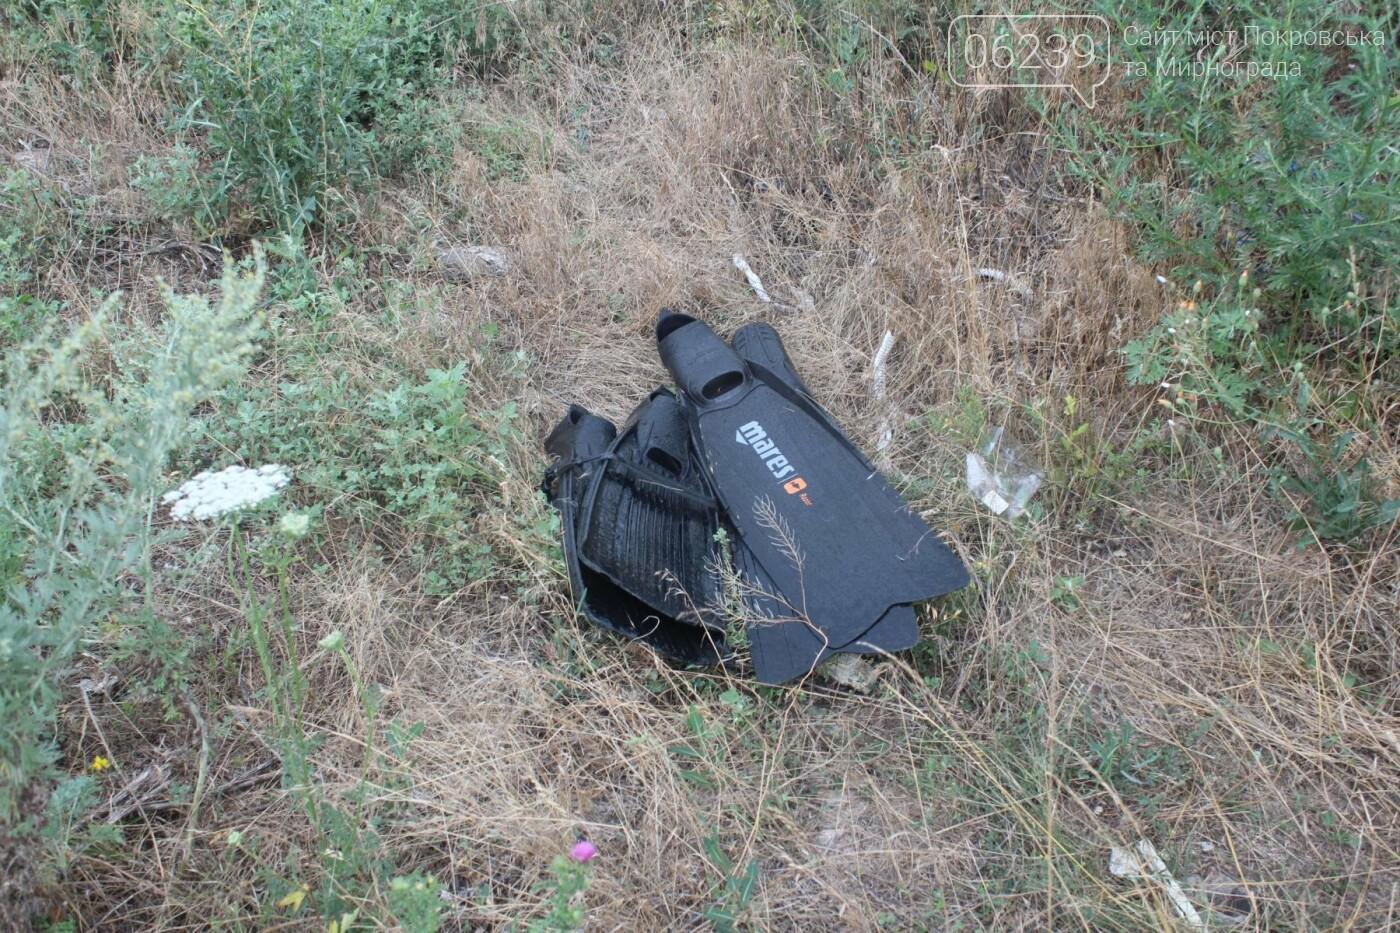 В Покровском районе задержали браконьеров, нарушителям грозит административная ответственность  , фото-3